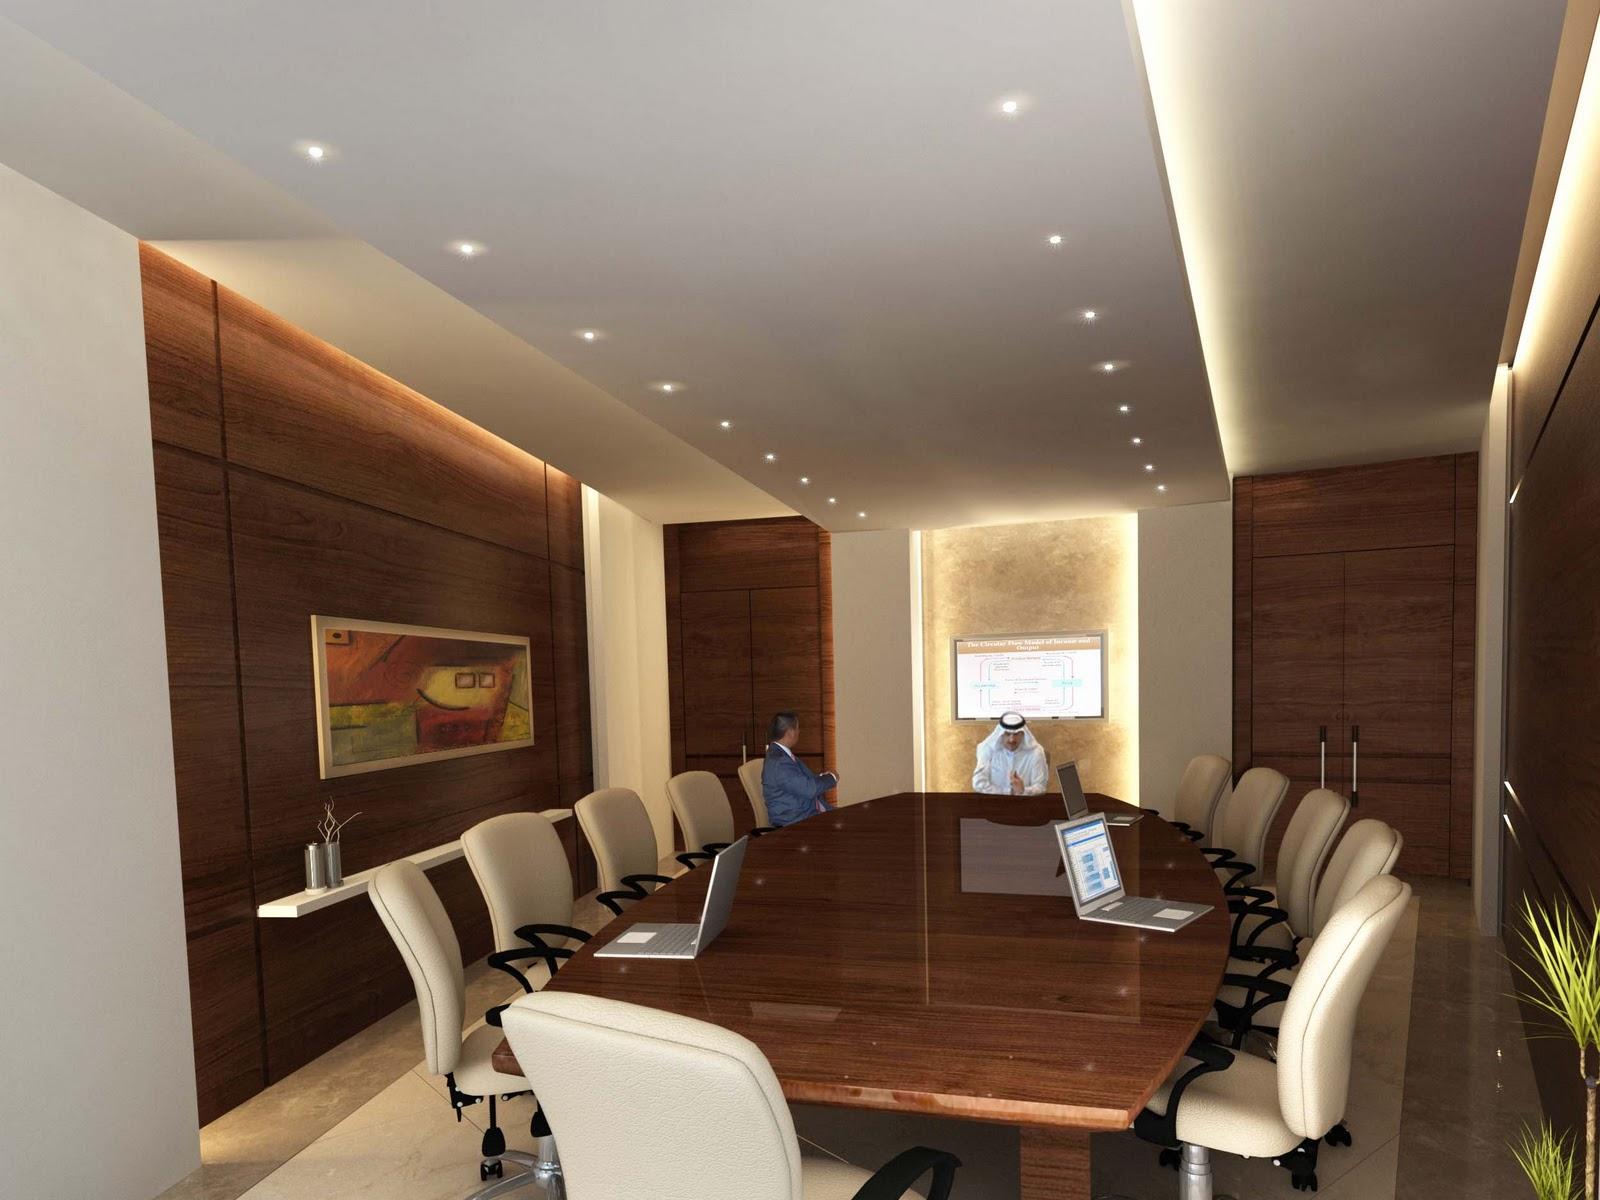 Asem Walid PKI Group interior design Riyadh KSA